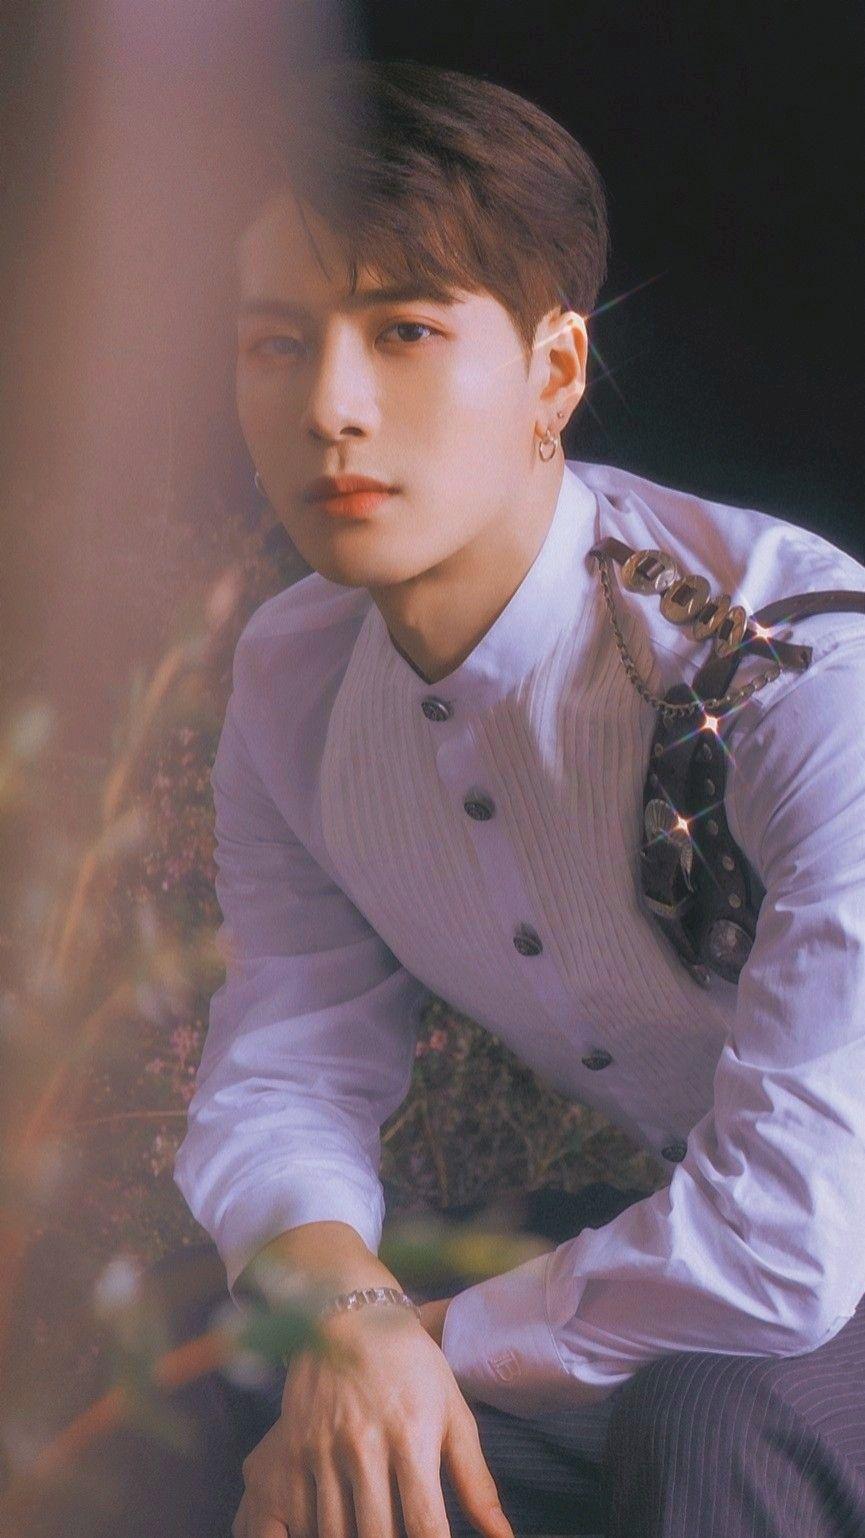 Got7 Jackson Wang Lockscreen Wallpaper 90s In 2020 Got7 Jackson Jackson Wang Jackson